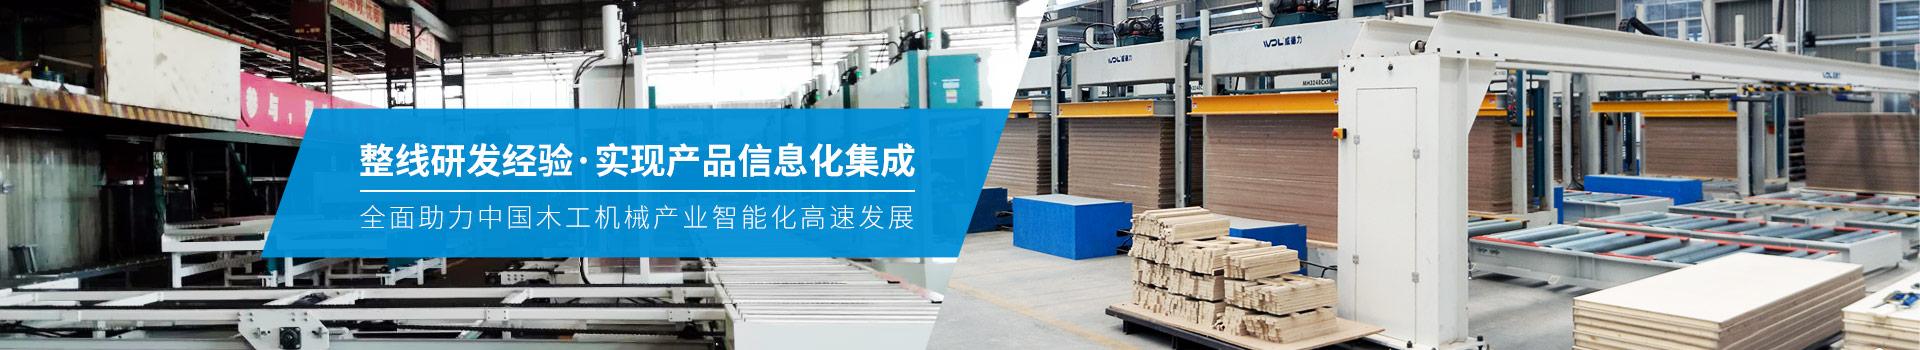 威德力-全面助力中国木工机械产业智能化高速发展